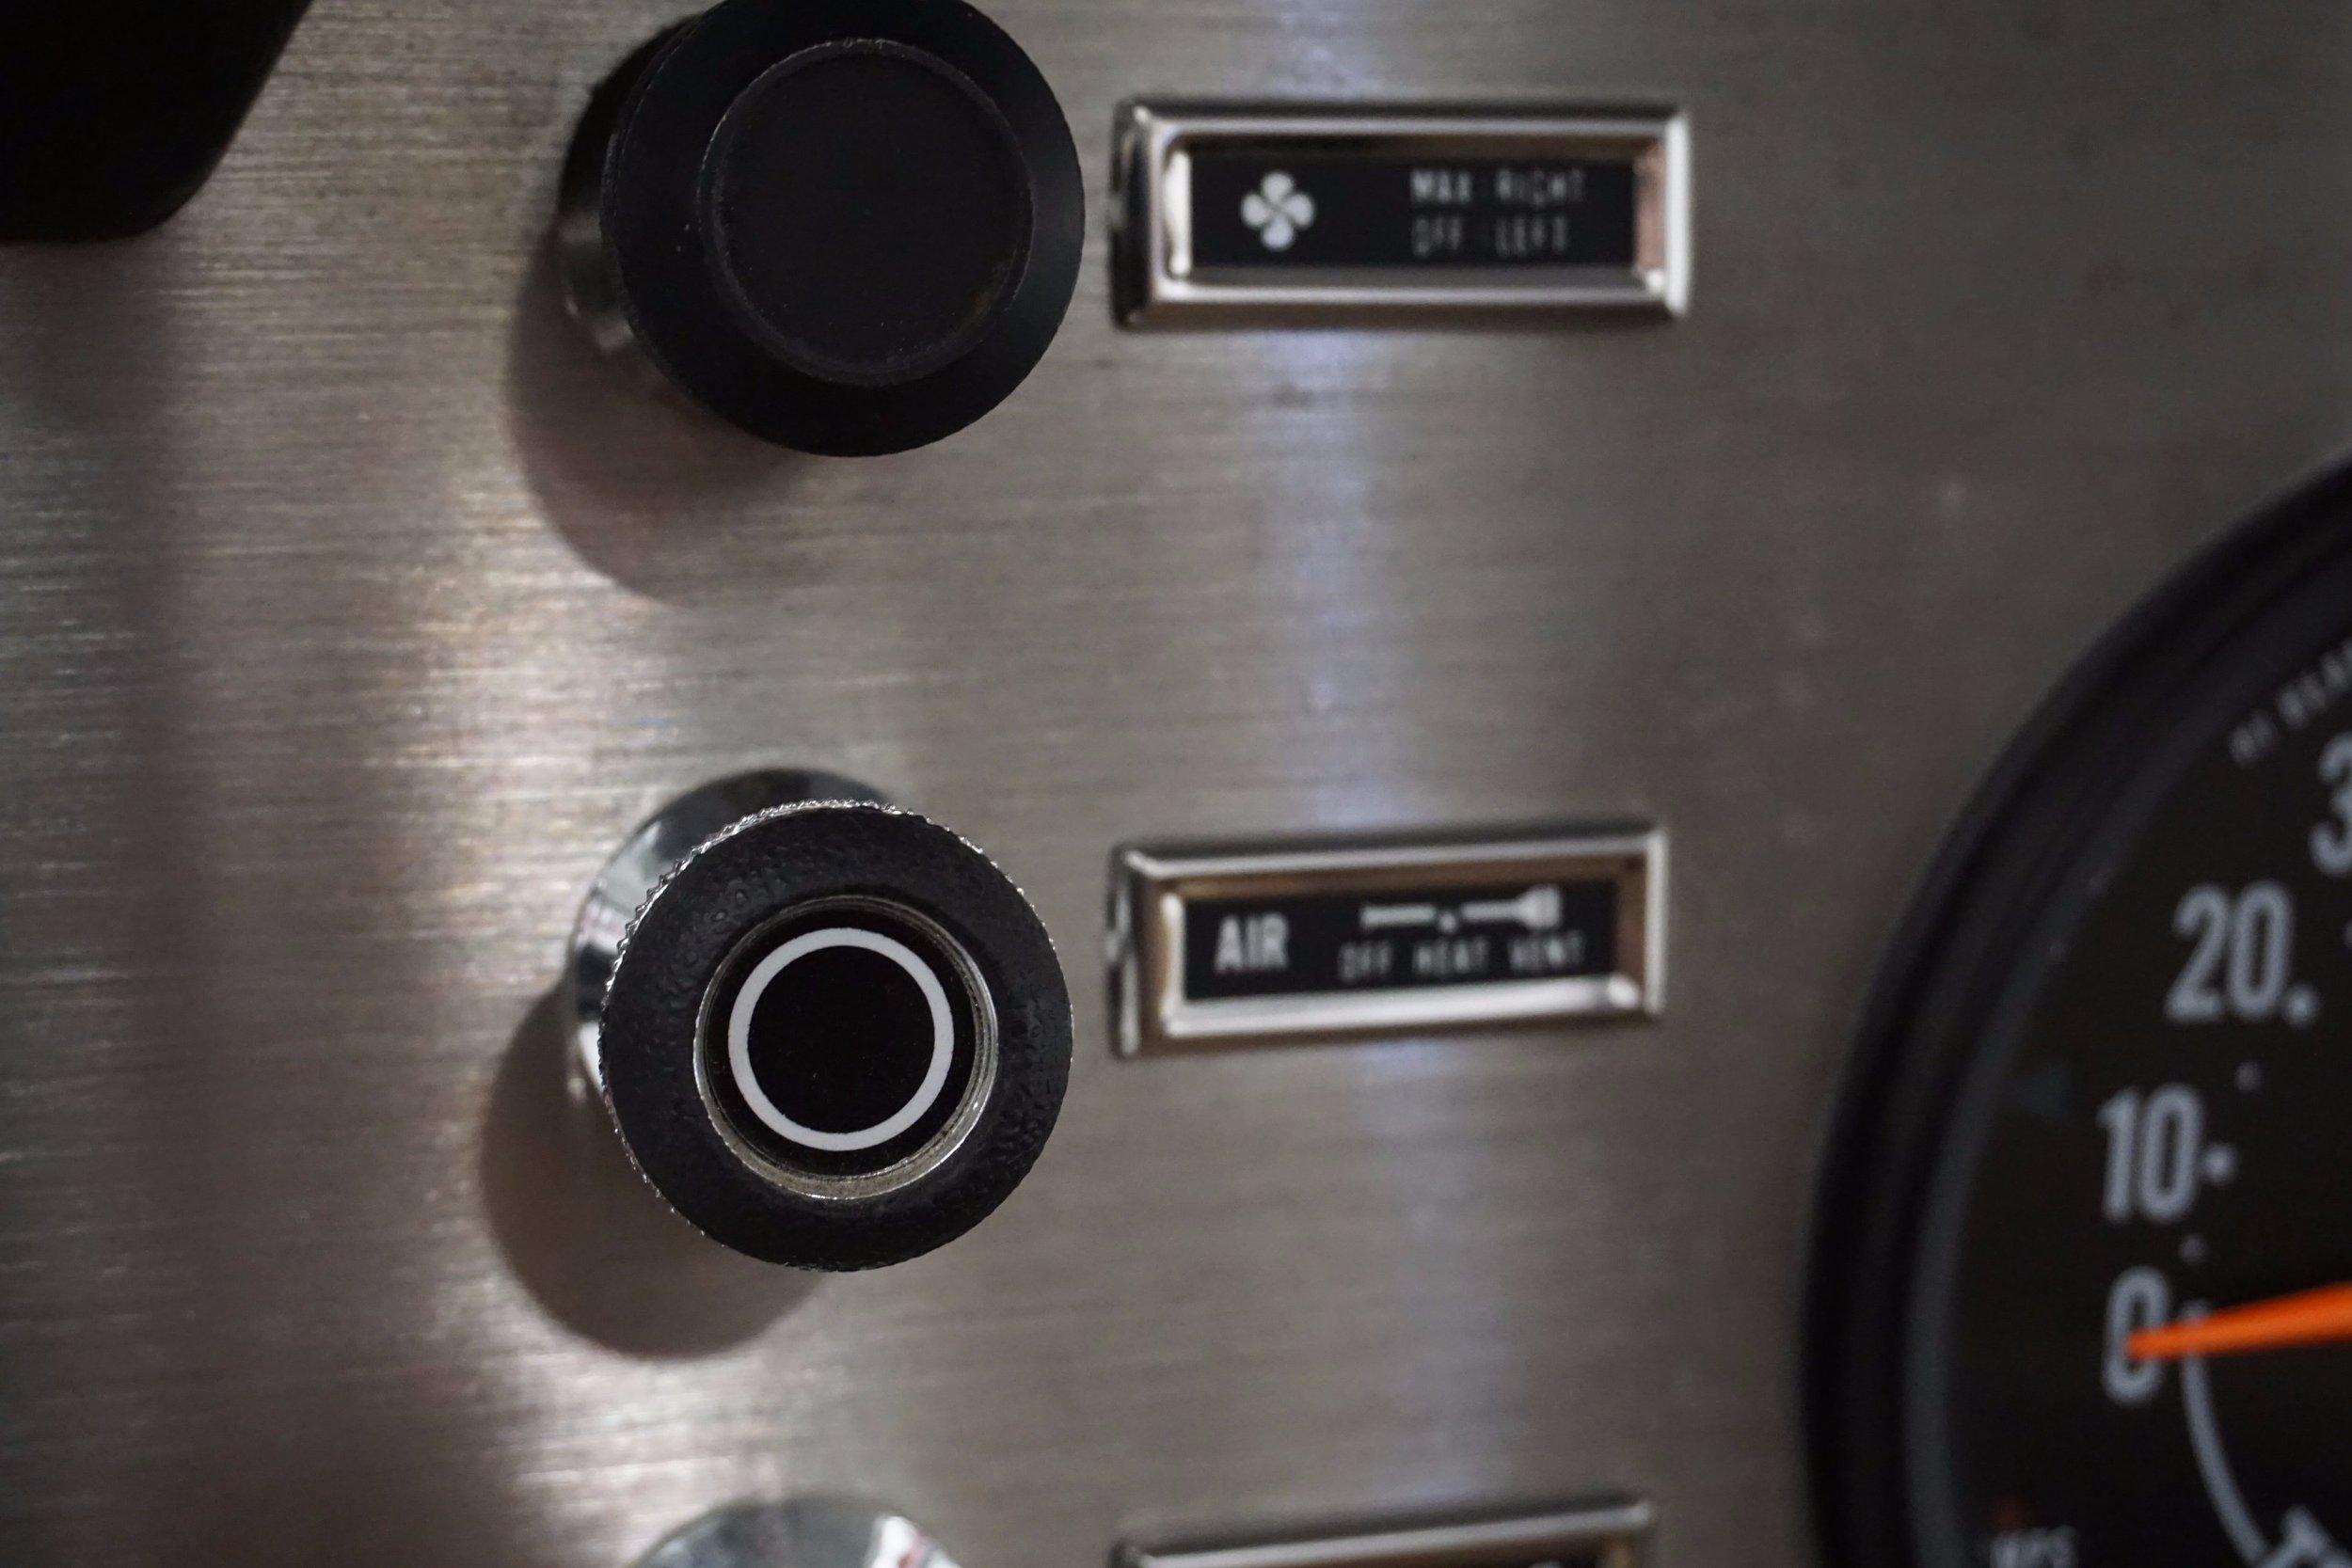 DSC00554 - Copy.jpg